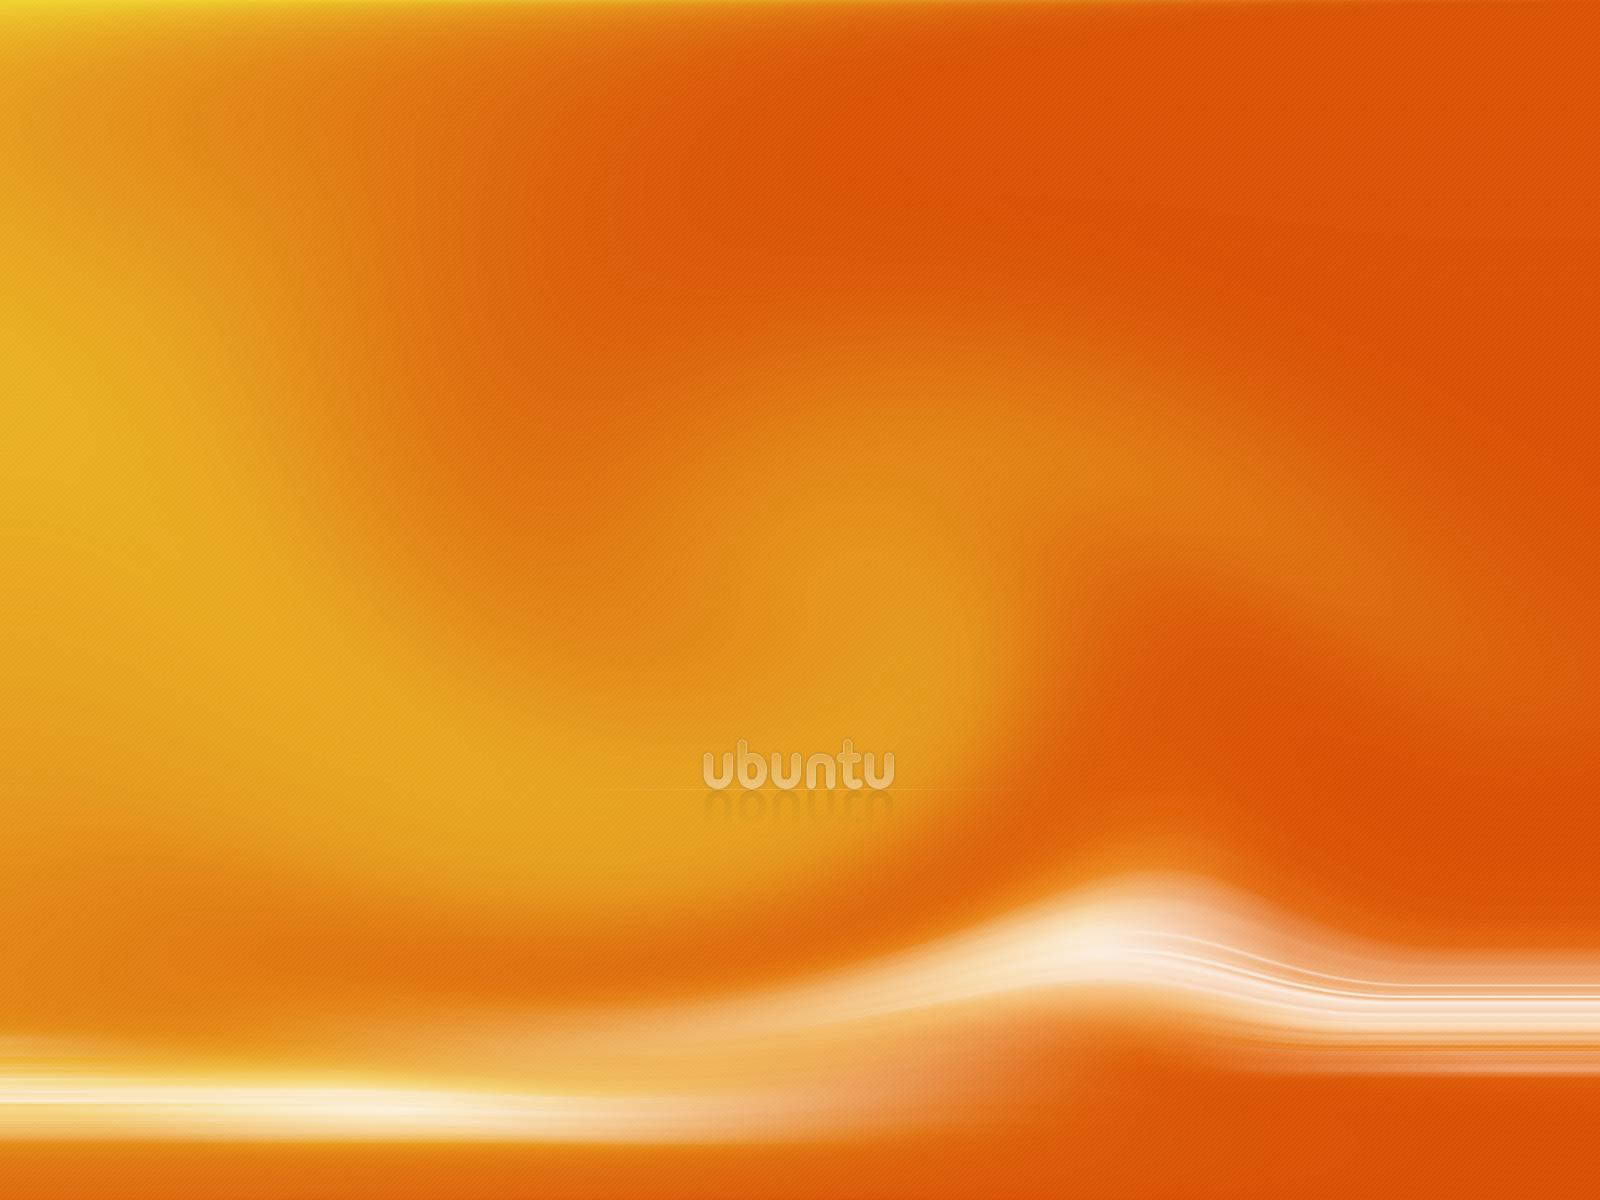 Orange Ubuntu by astoyanov